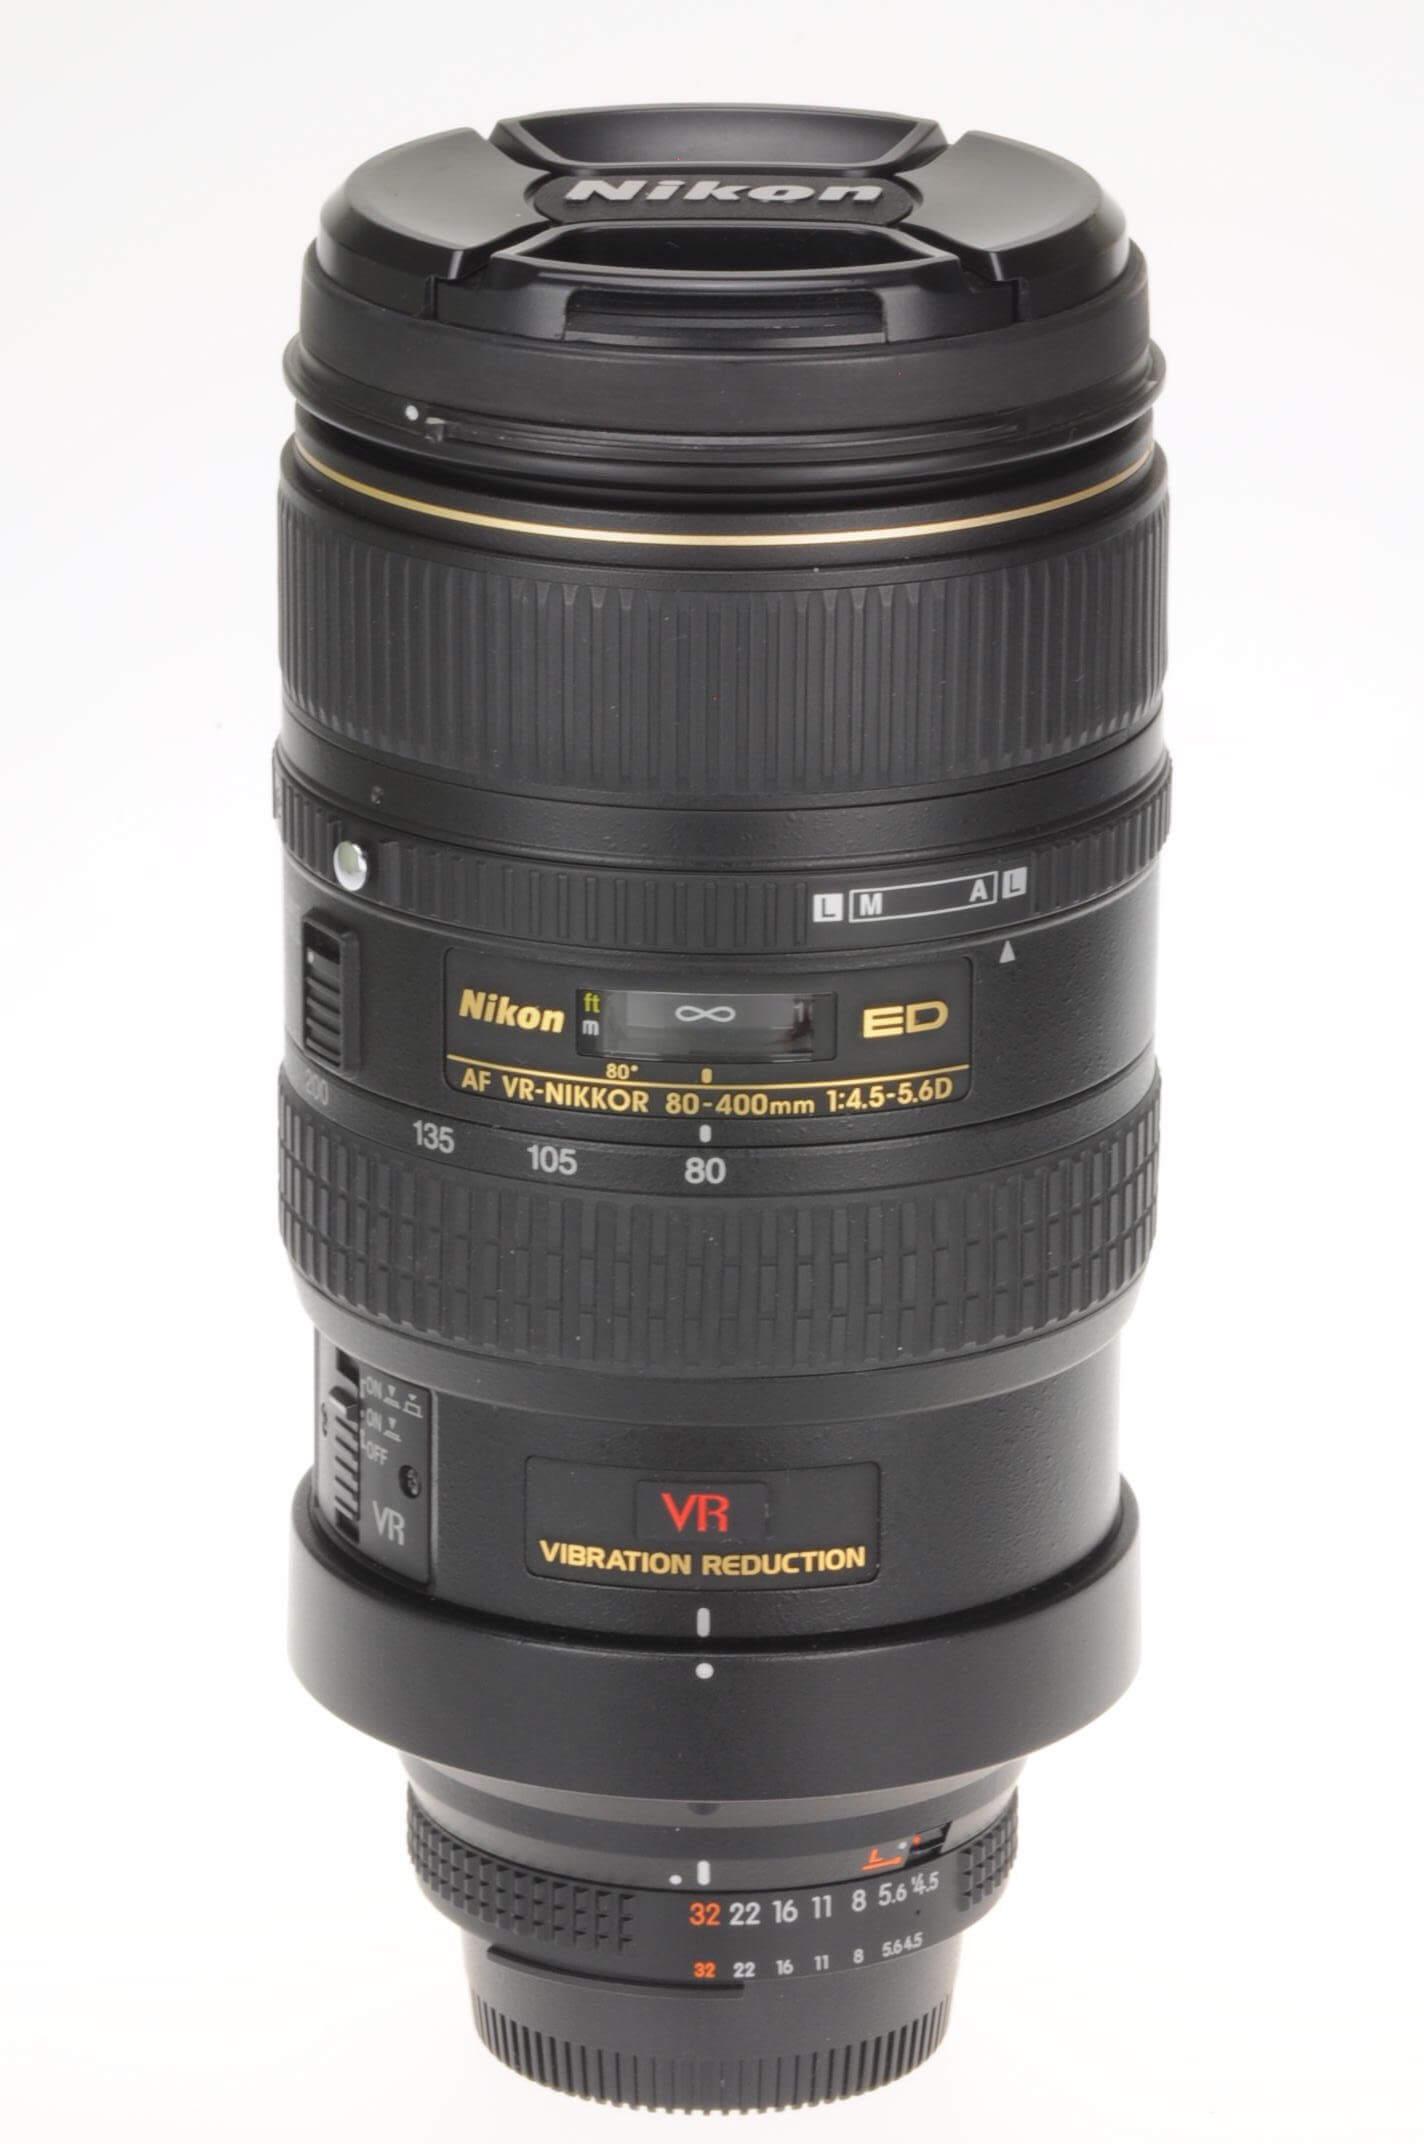 Nikon 80-400mm f4.5-5.6 Nikkor AF VR, excellent condition, boxed